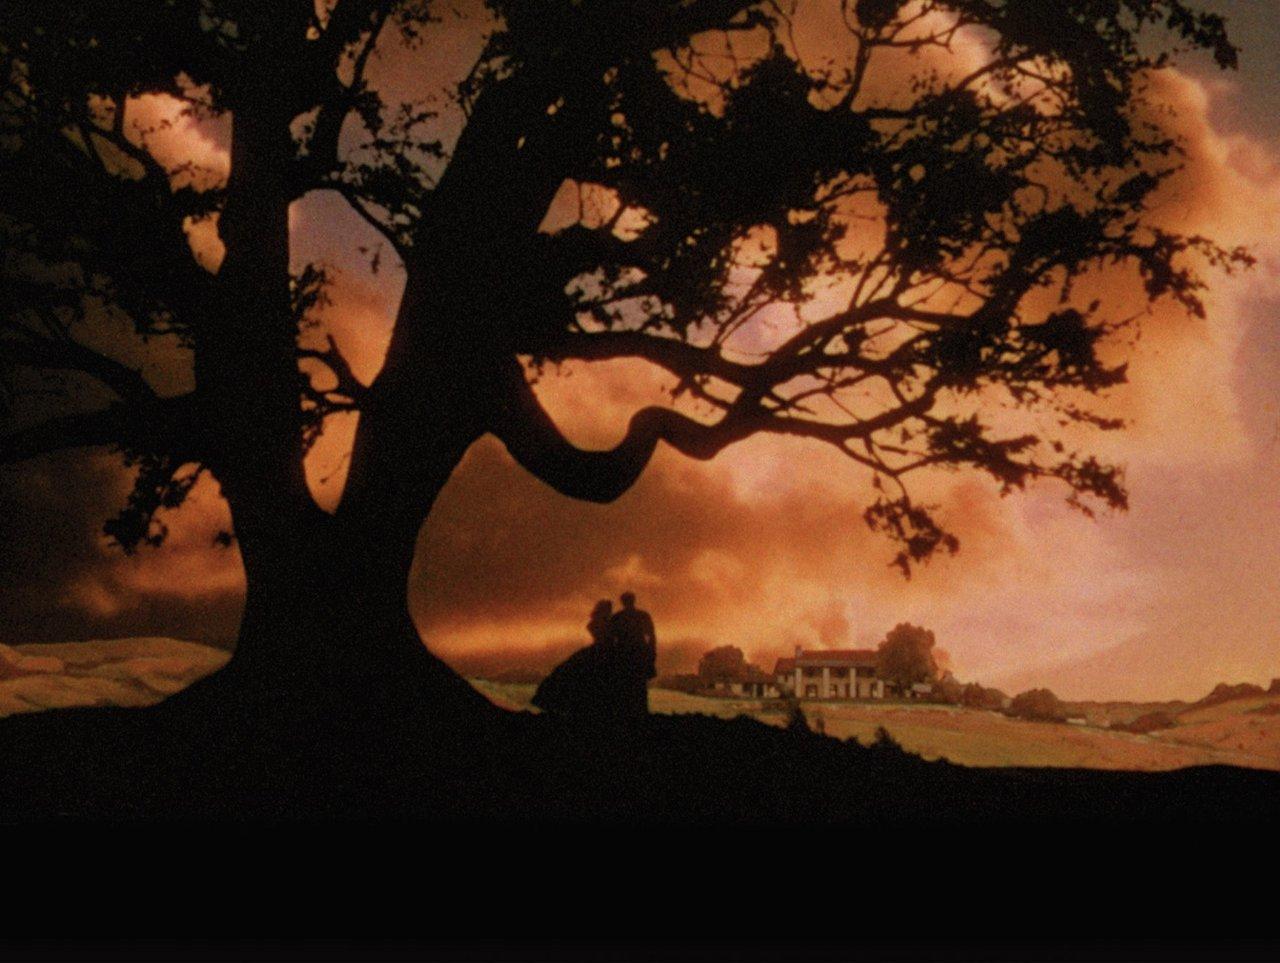 Кадры из фильма самые лучшие фильмы по отзывам зрителей